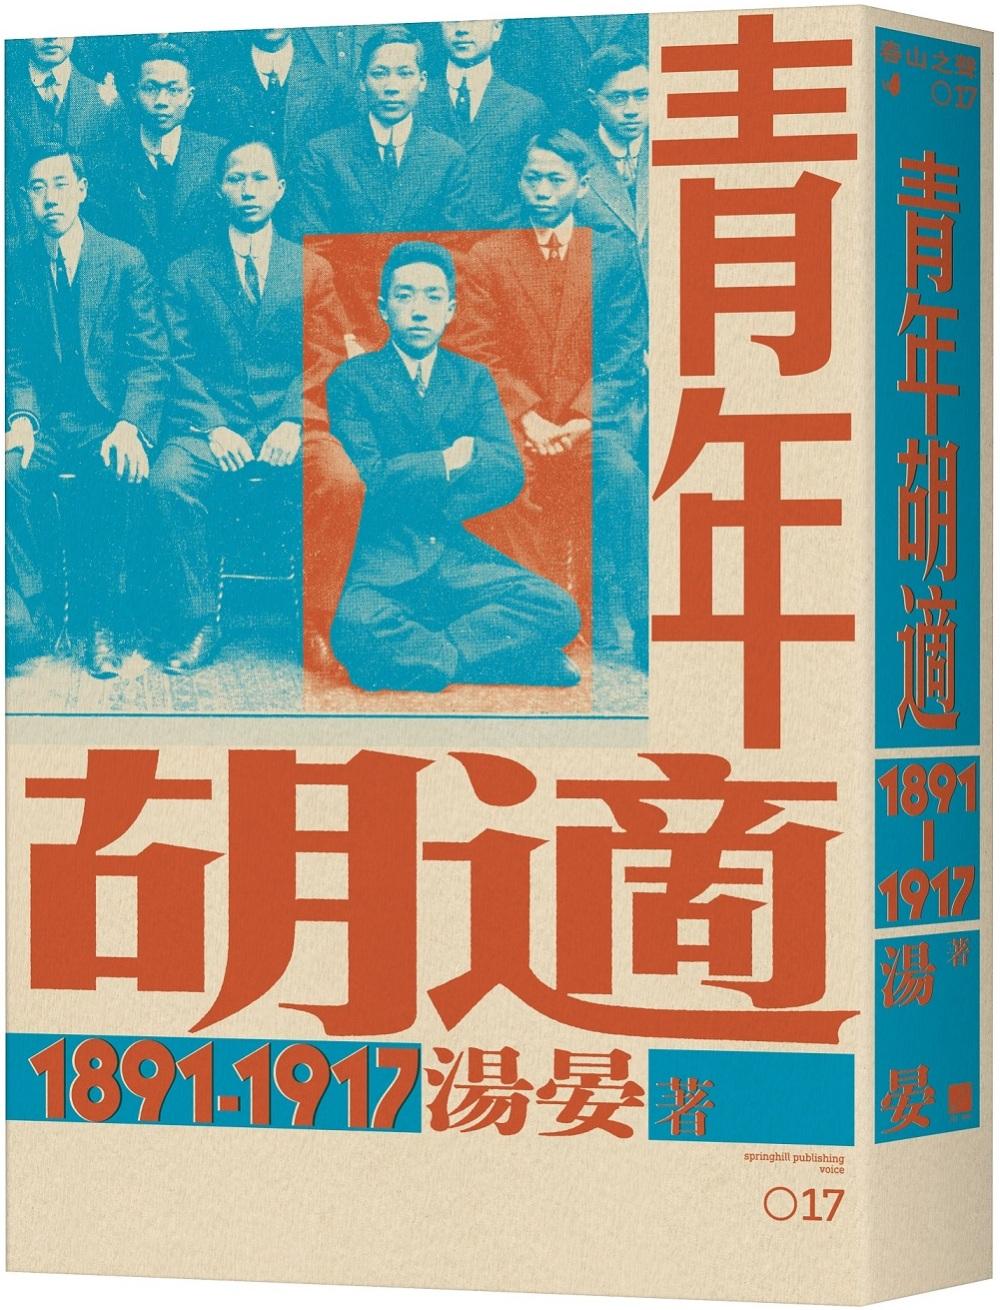 青年胡適,1891-1917